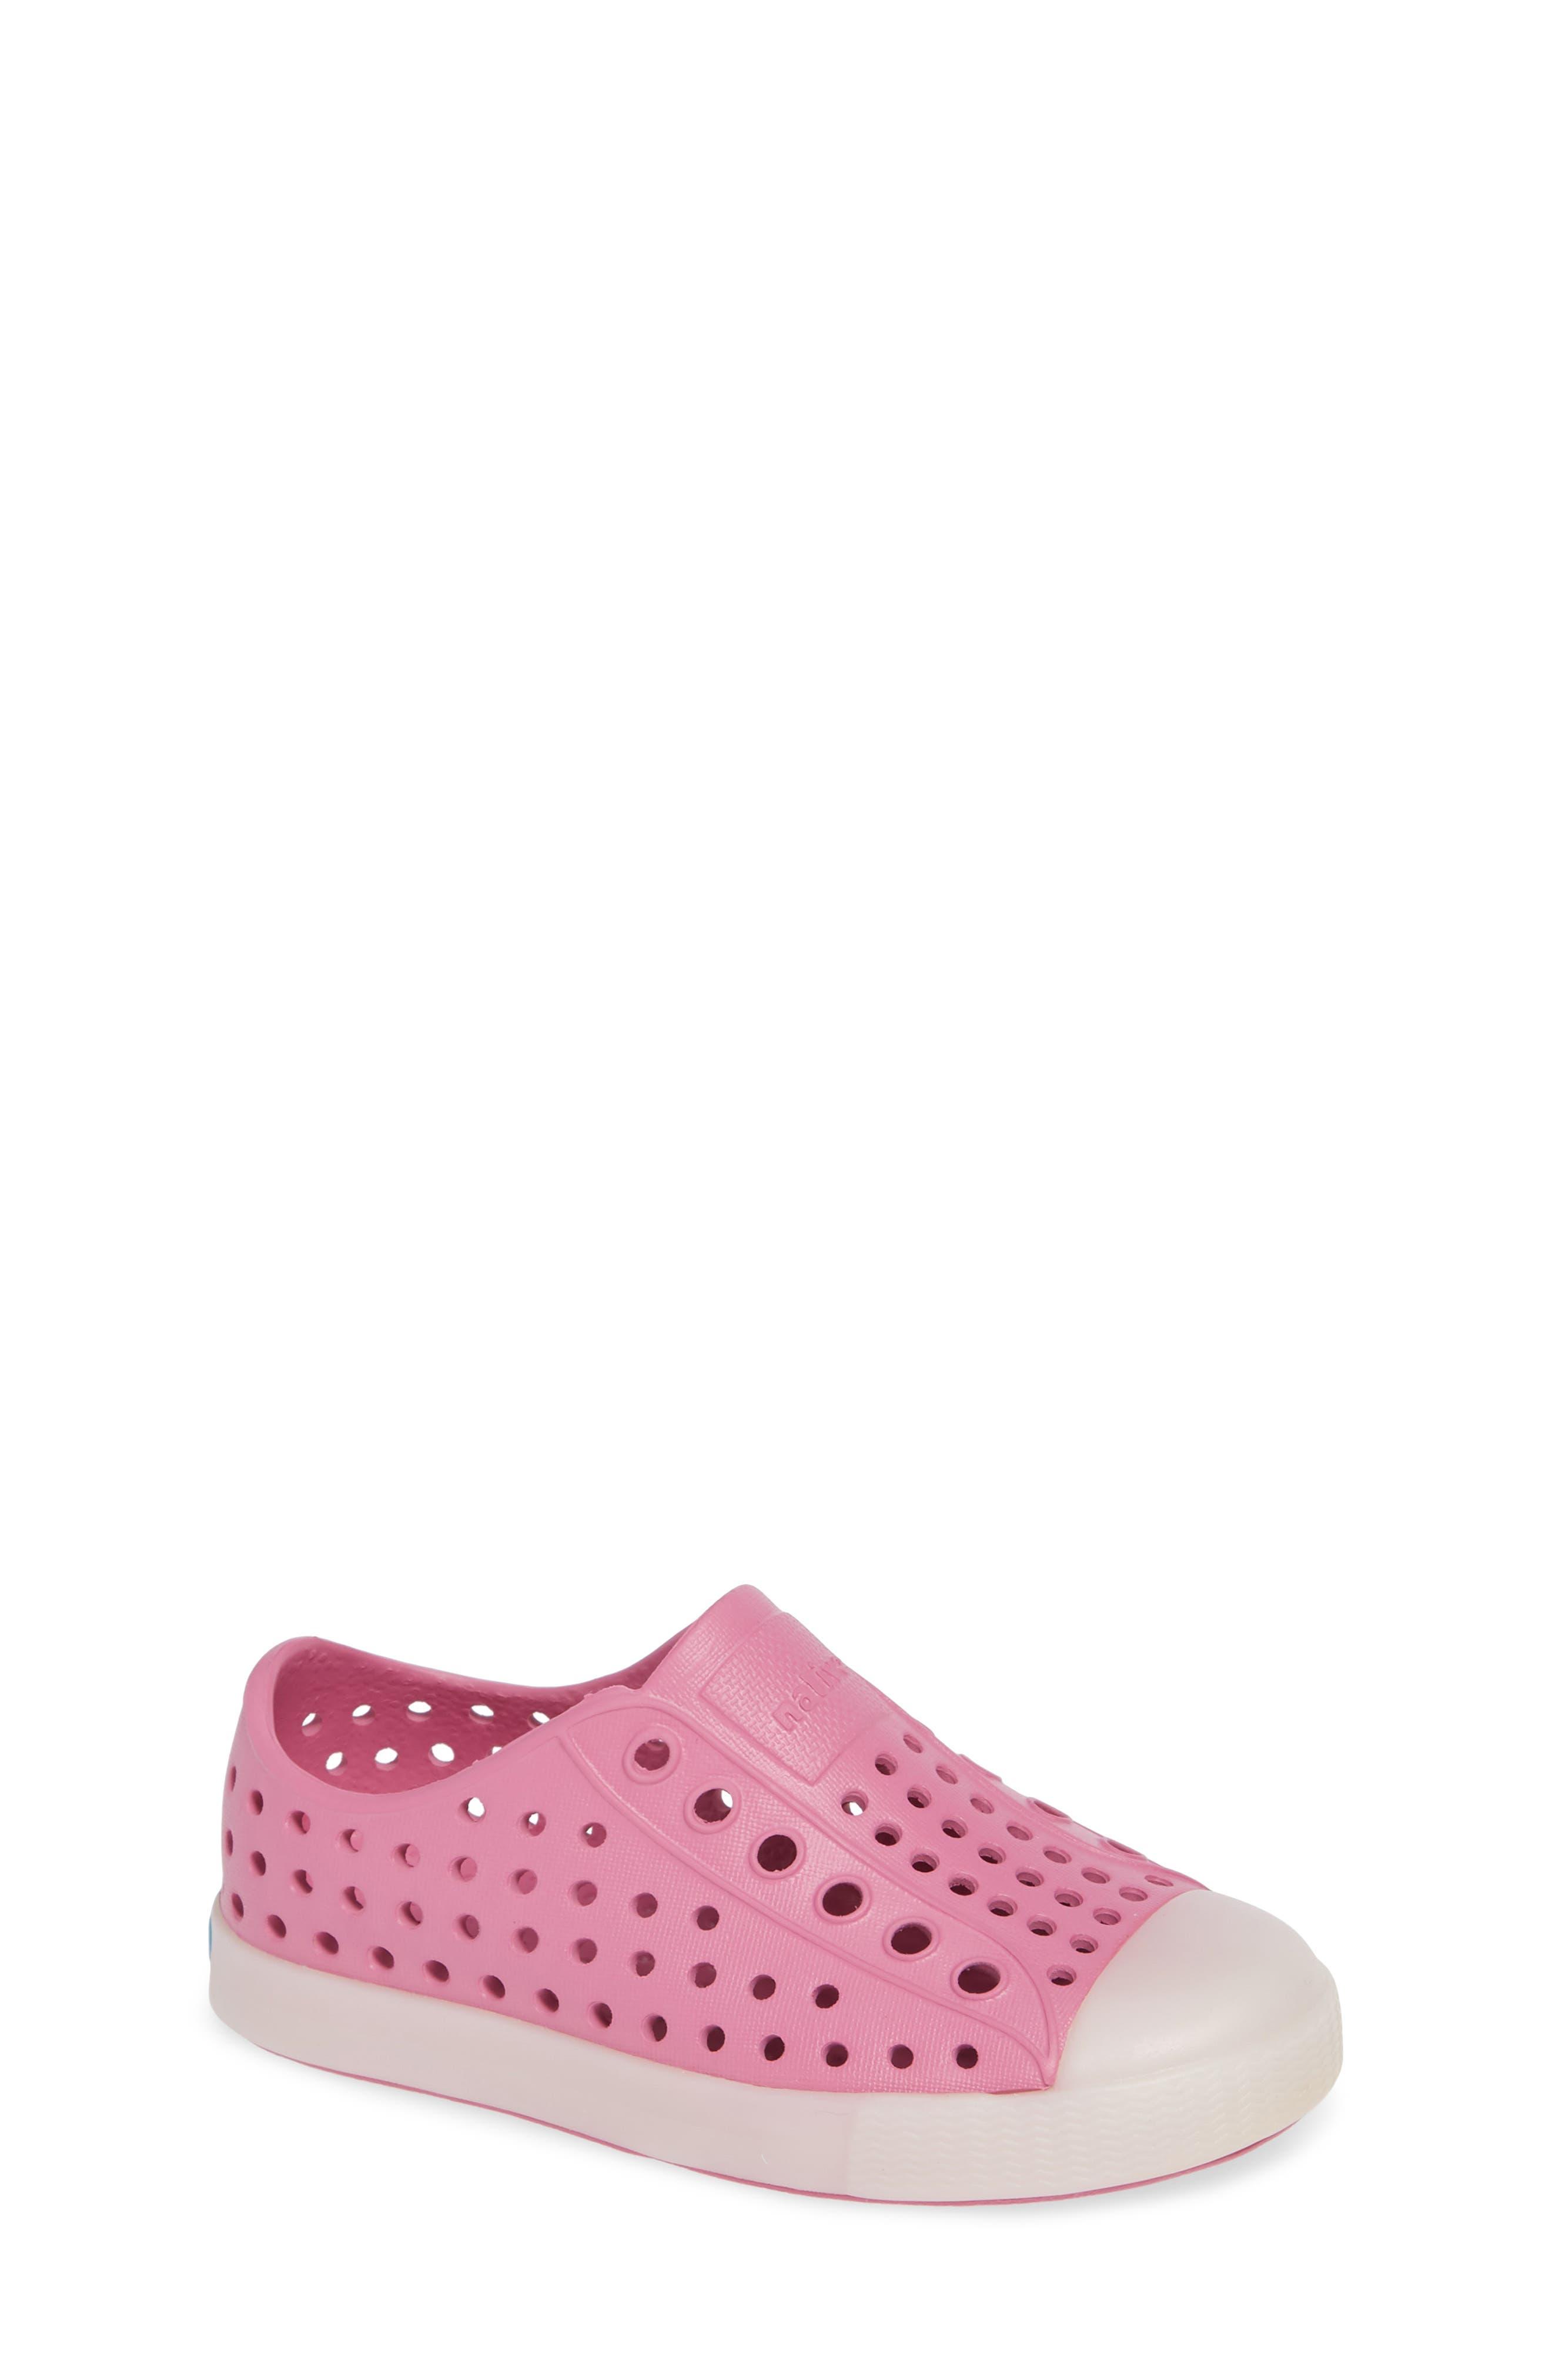 Jefferson - Glow in the Dark Sneaker,                         Main,                         color, Woodward Pink/ Glow